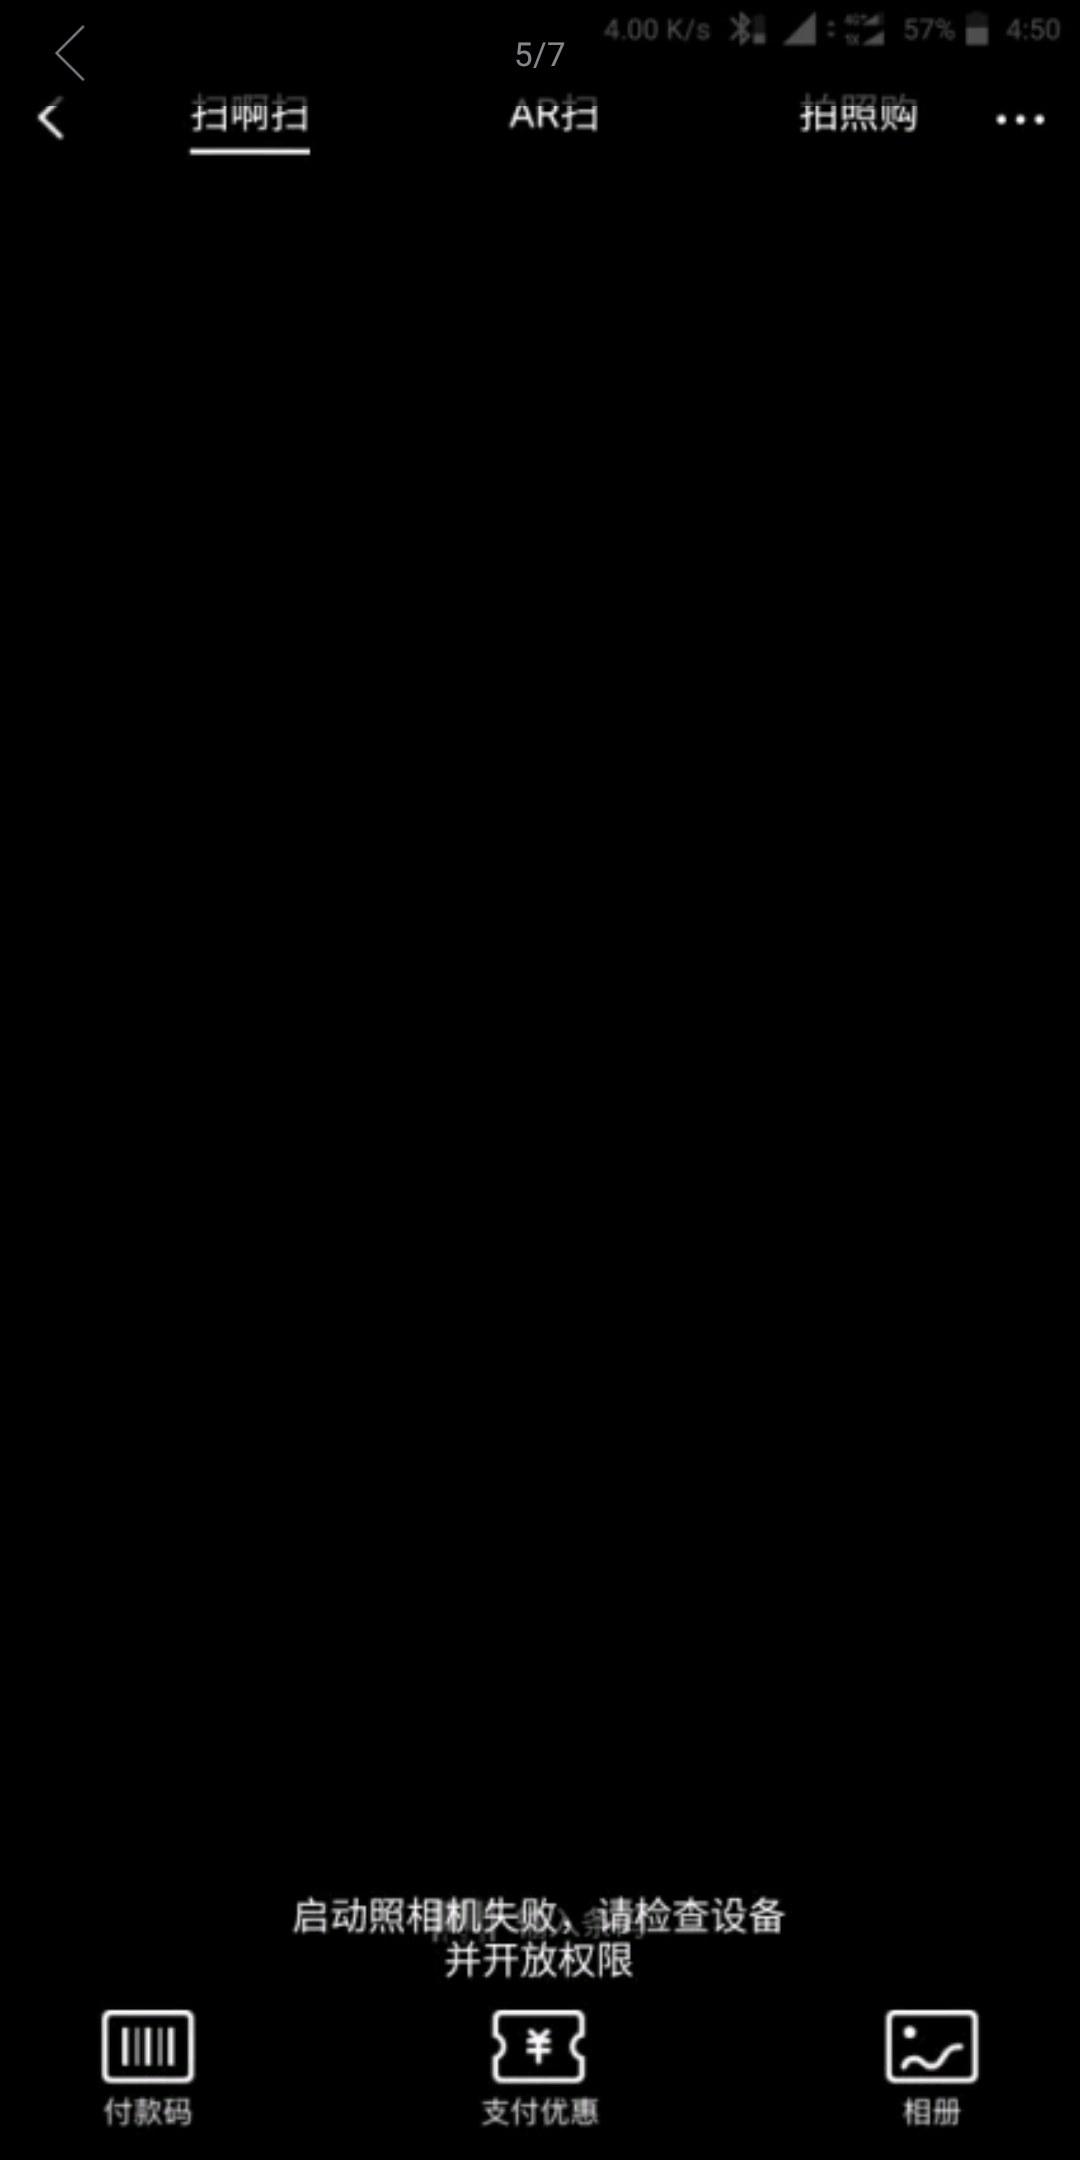 1516193089918.jpg